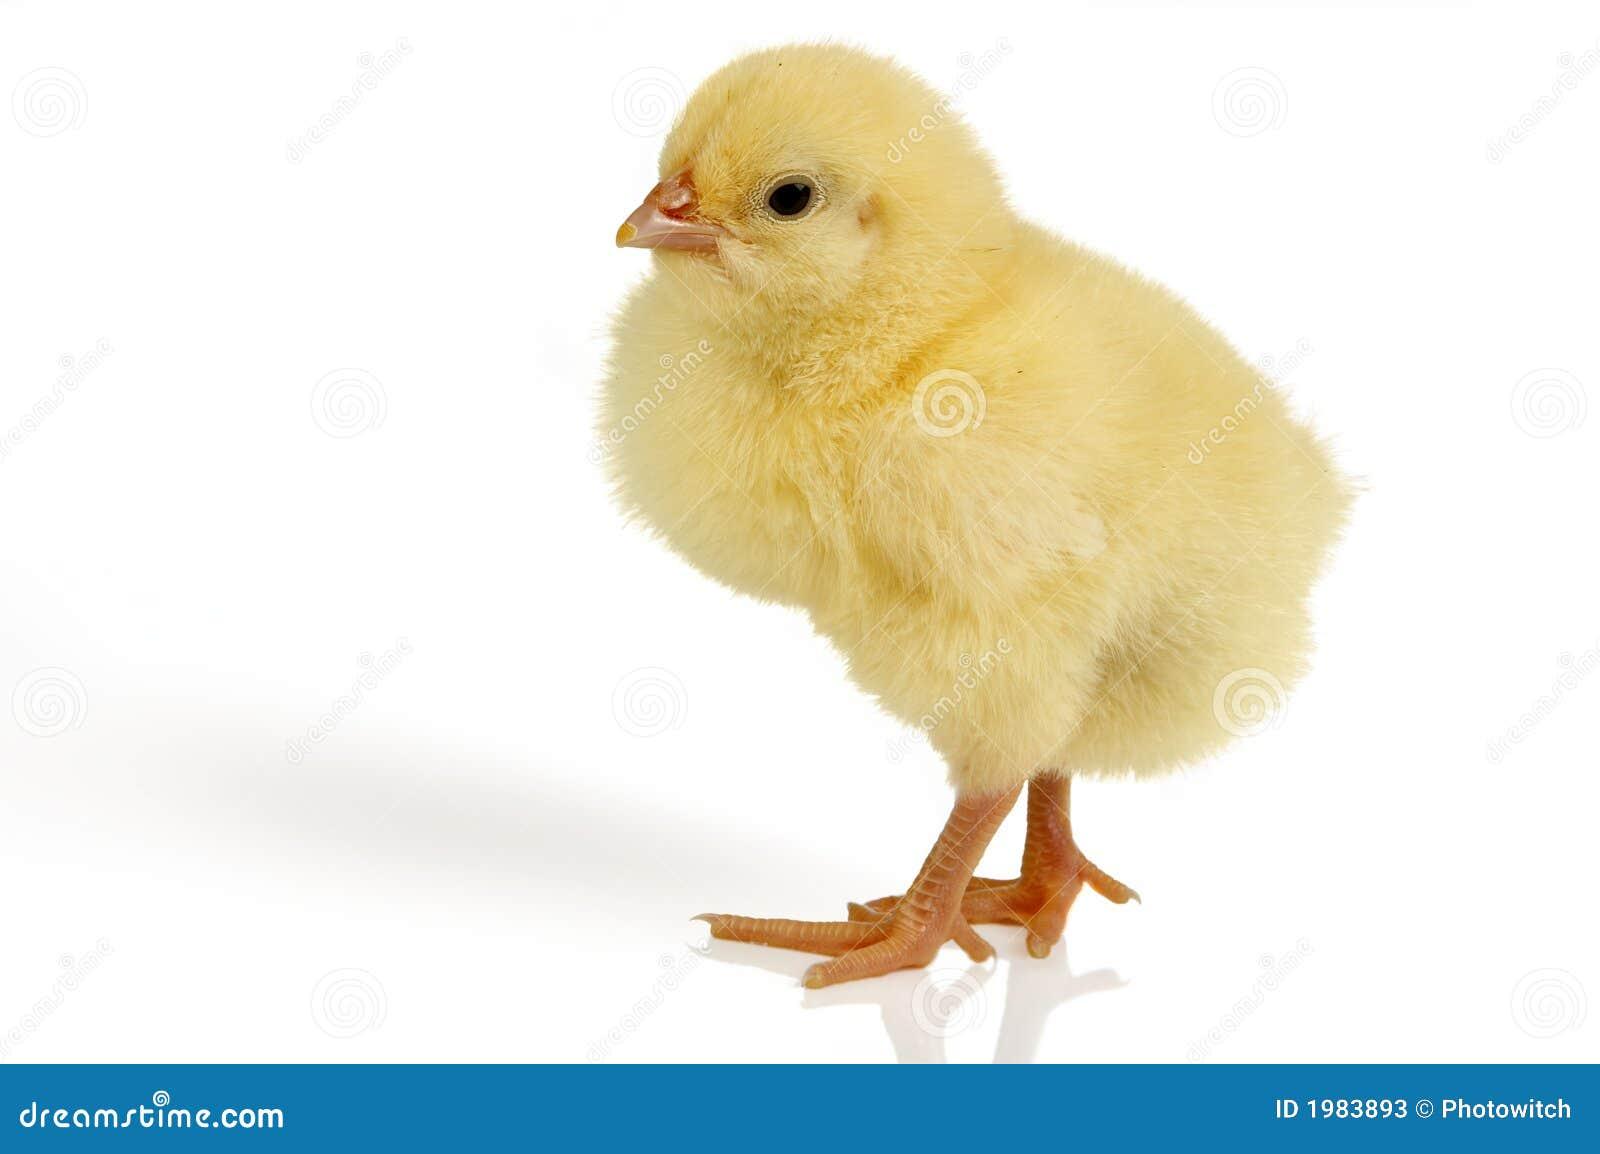 Chick Wielkanoc przeszłość